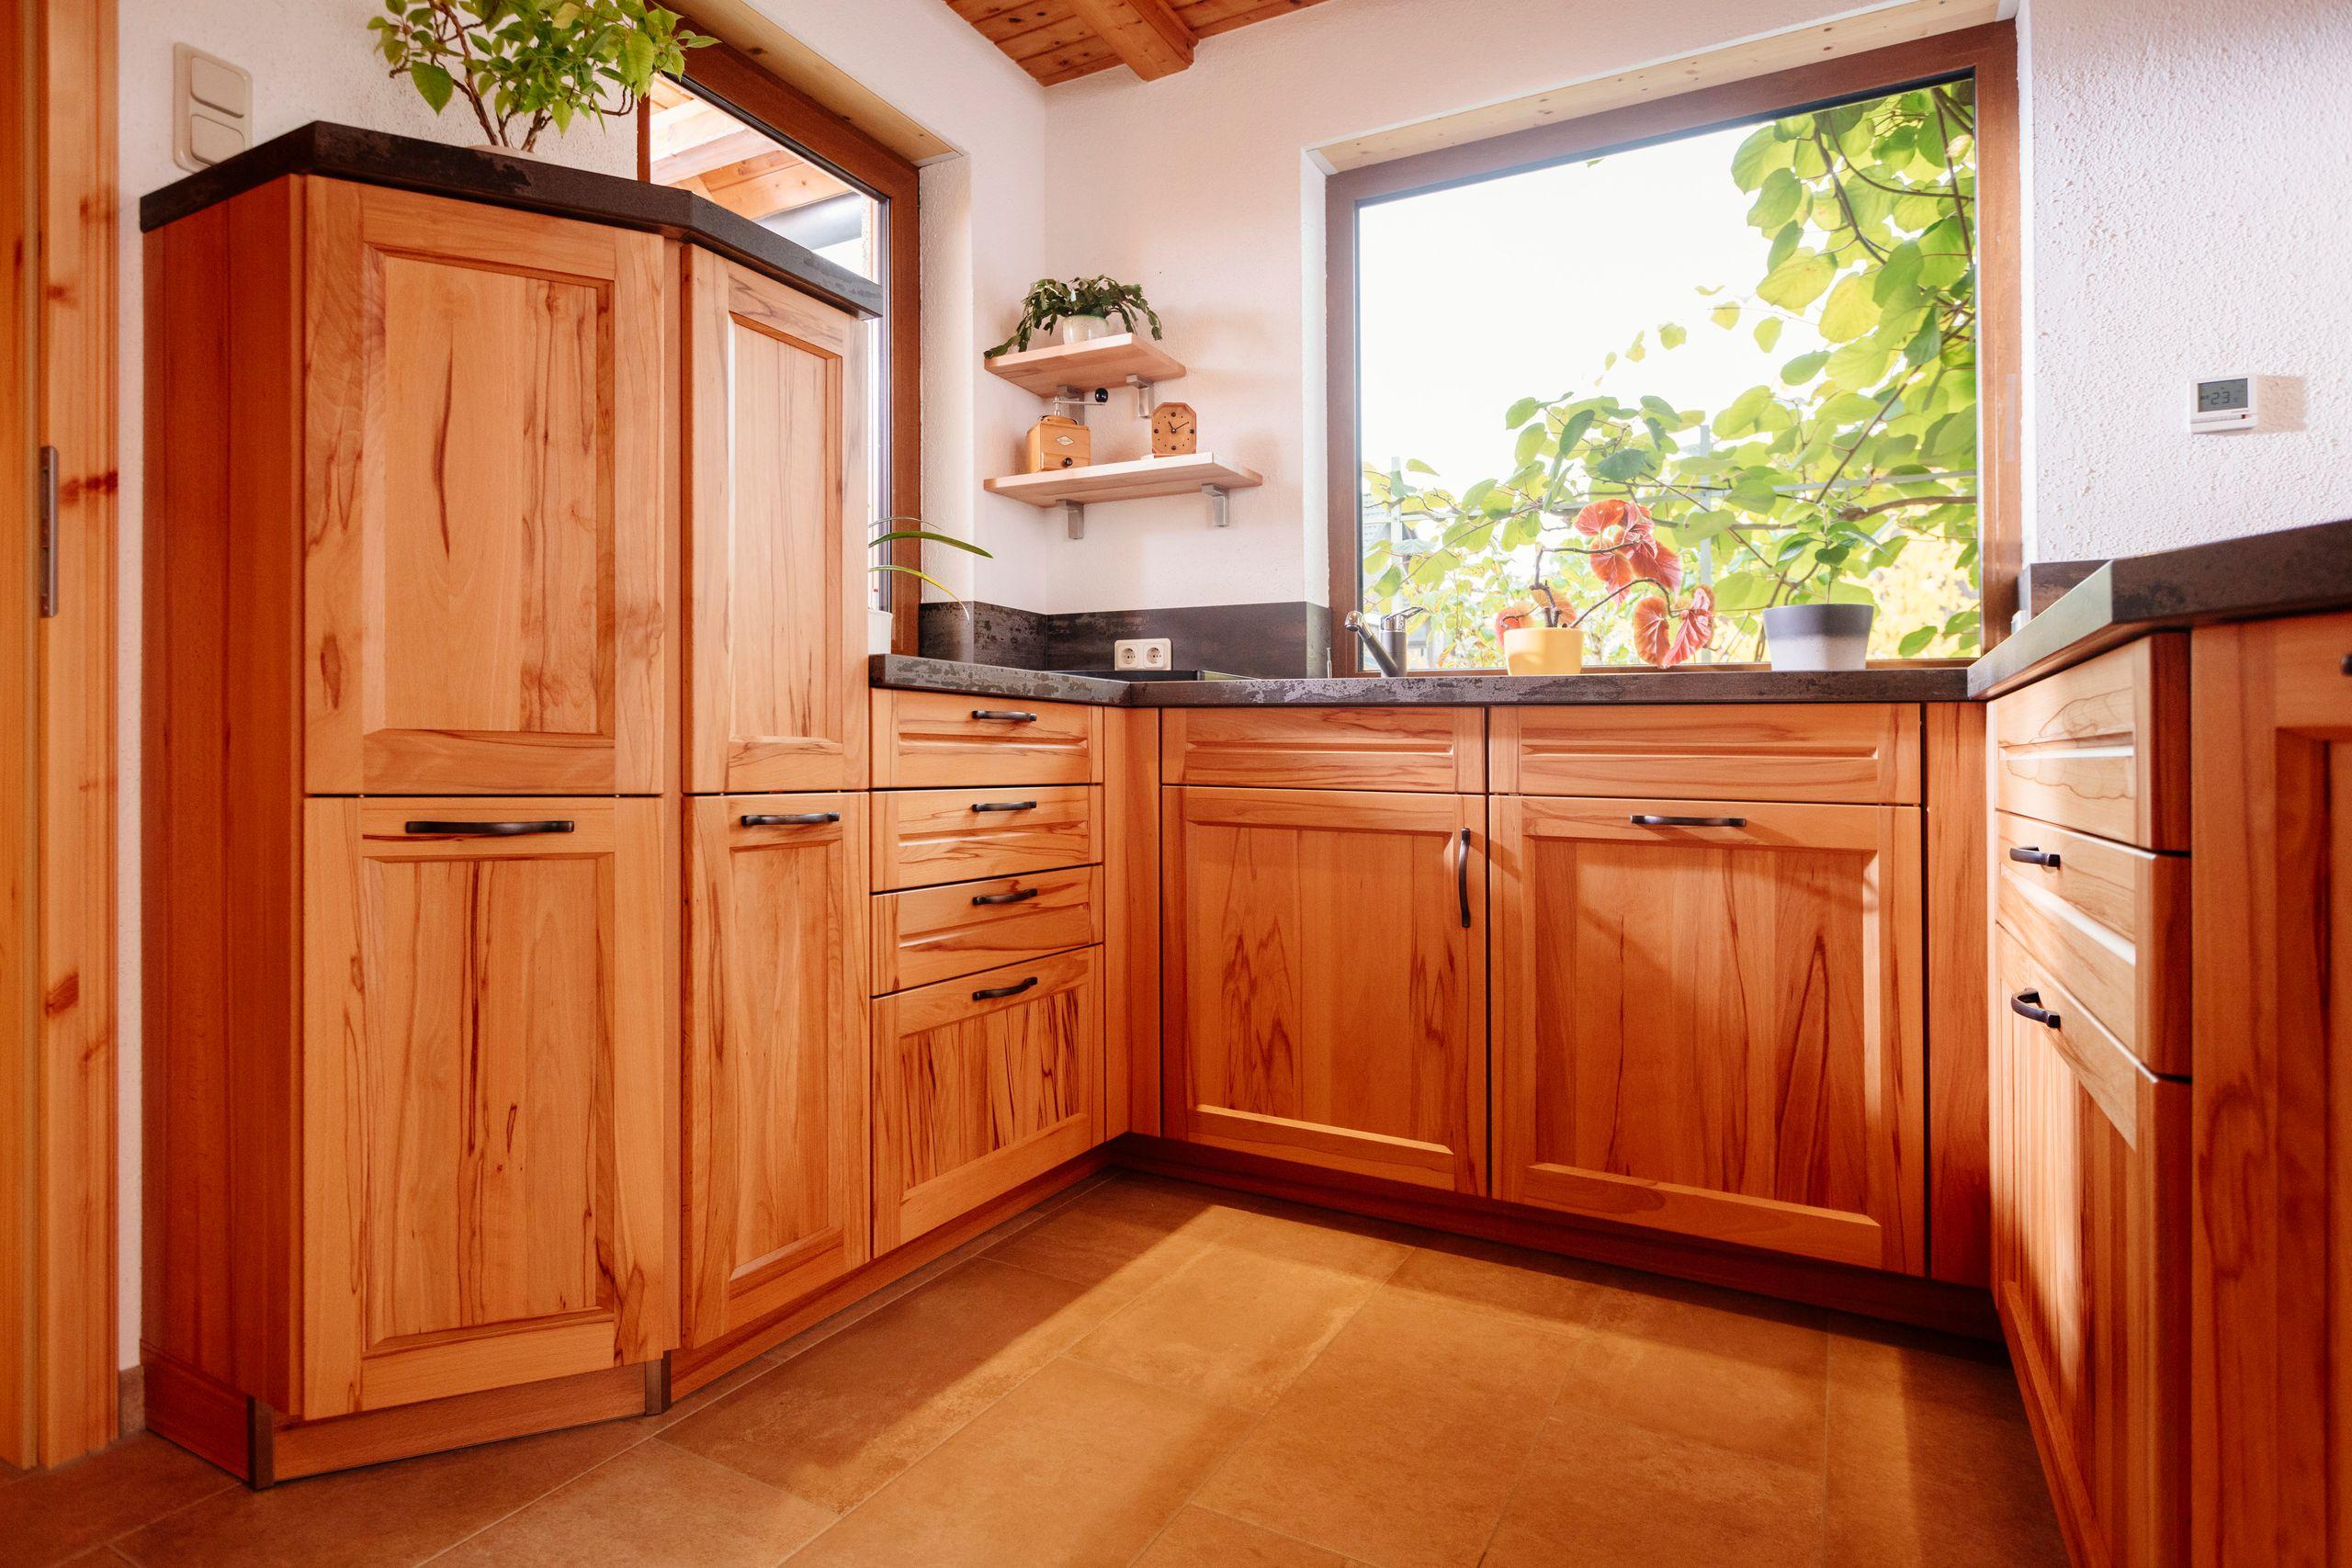 Full Size of Kchenwelten Echtholzkchen Fr Nossen Wohnzimmer Holzküchen